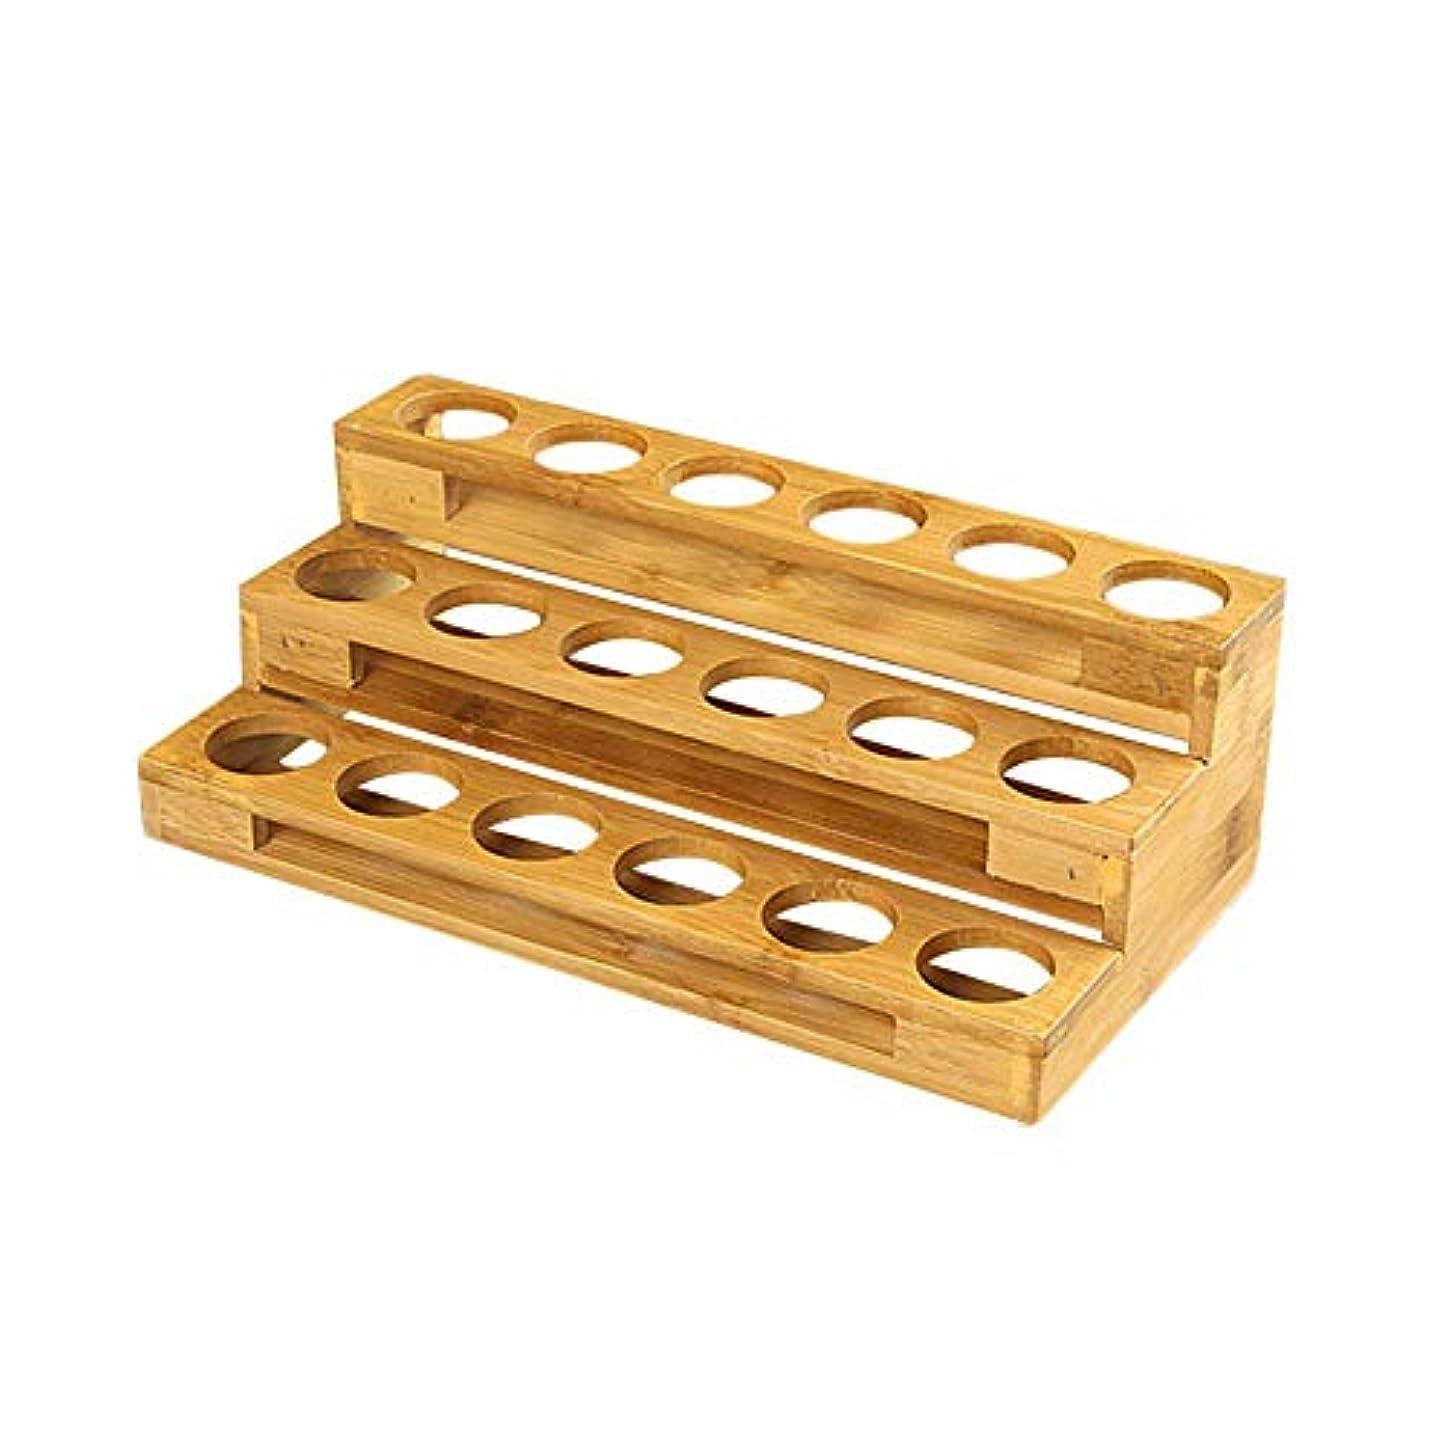 秀でる妖精追い出すエッセンシャルオイル収納ボックス 自然木製 エッセンシャルオイルオイル 収納 ボックス 香水収納ケース はしごタイプ アロマオイル収納ボックス 18本用